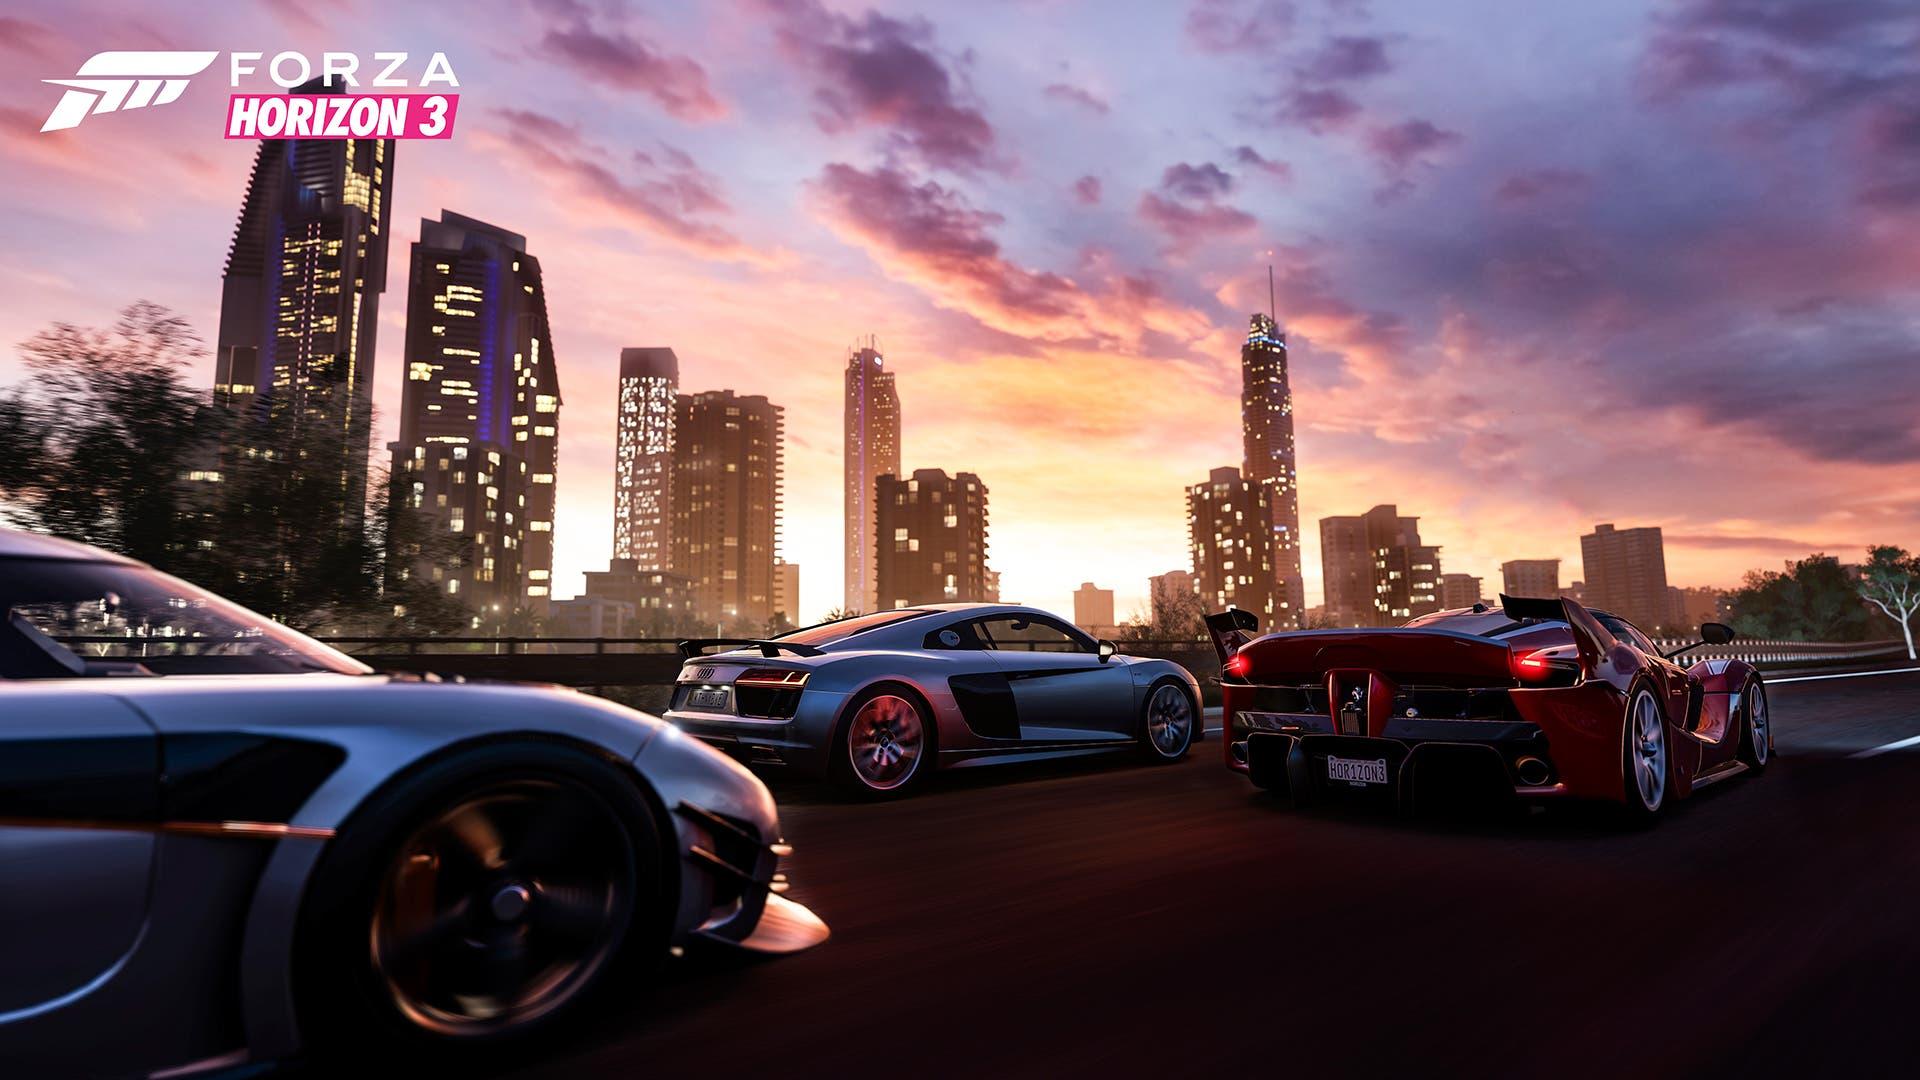 Forza-Horizon-3-CitySkyline-Koeg-Audi-Ferrari